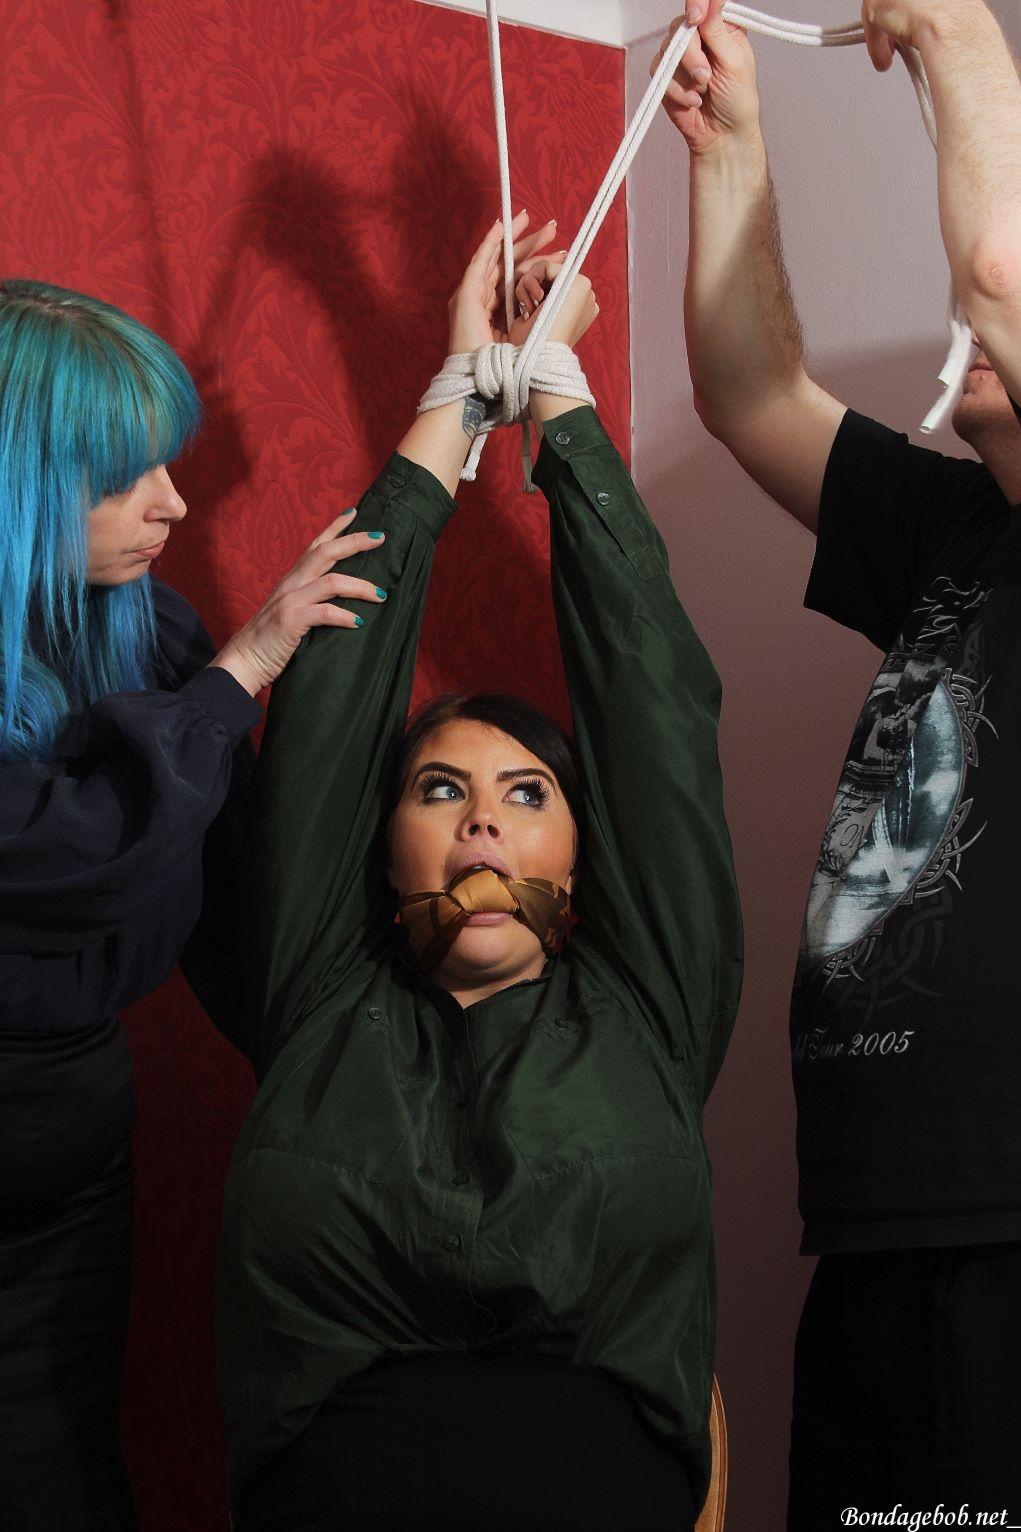 Temptress Kate & Terri Lou in bondage.